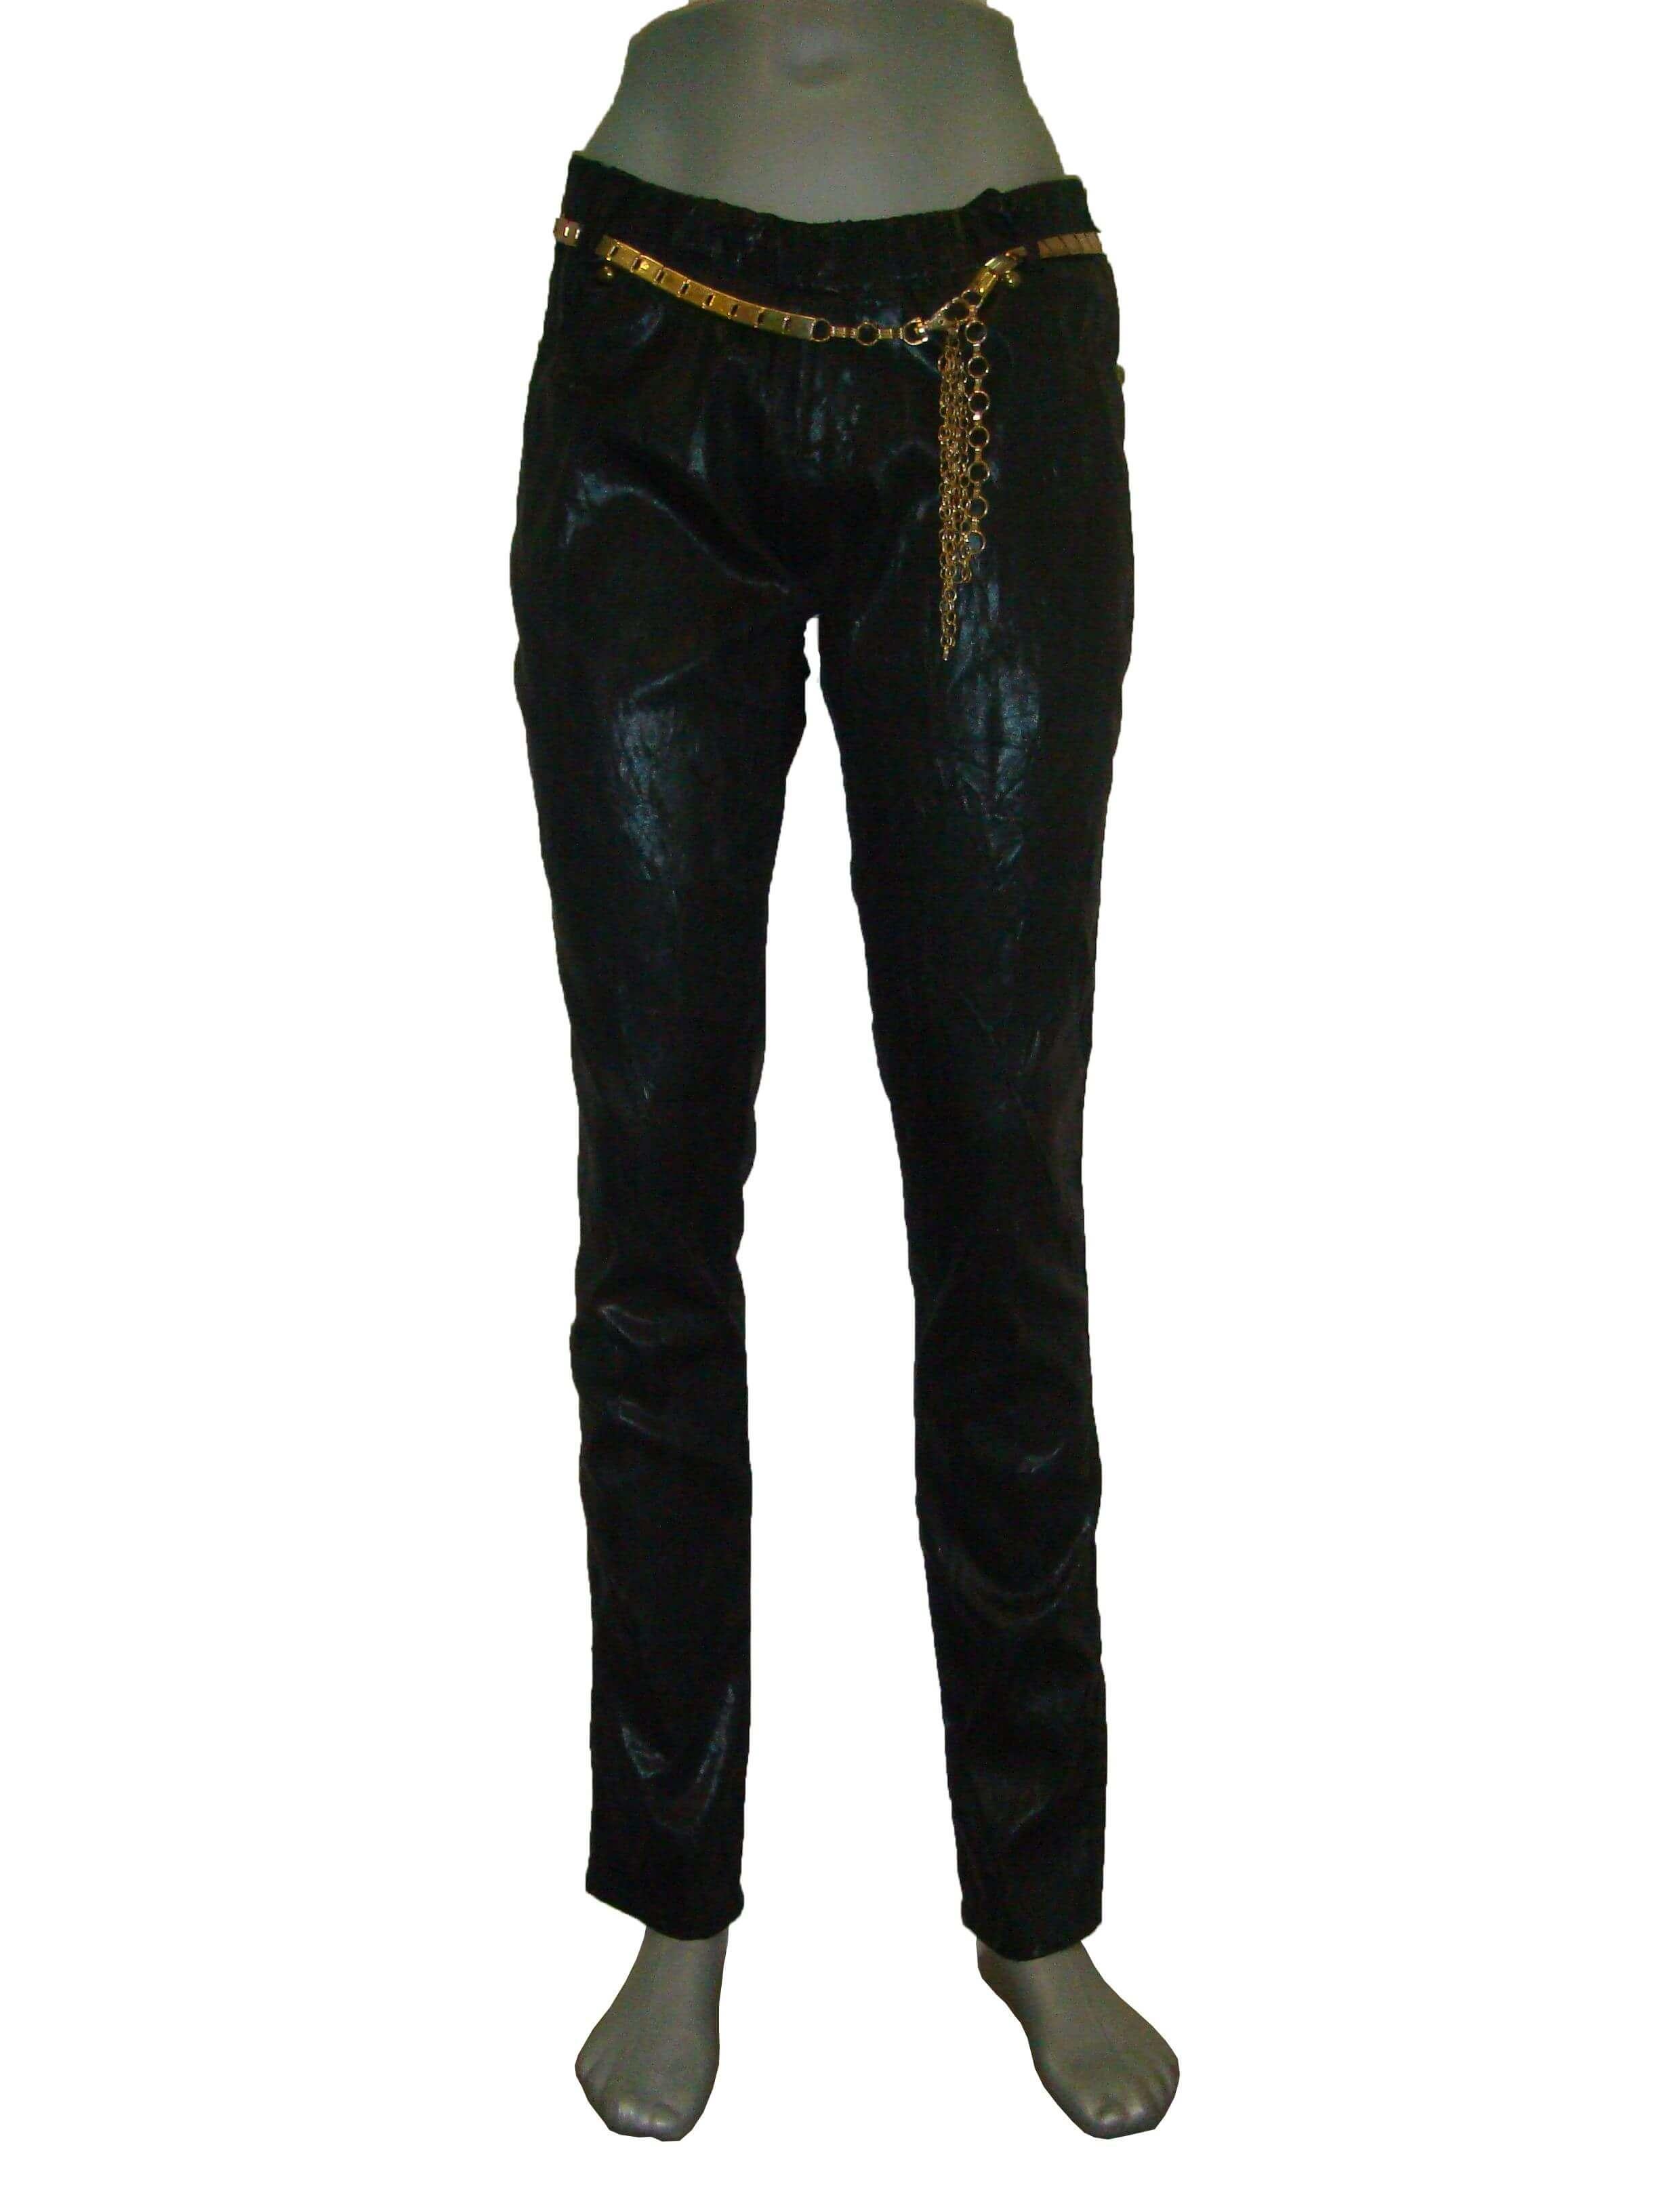 Лосины женские черные, с металлическим поясом